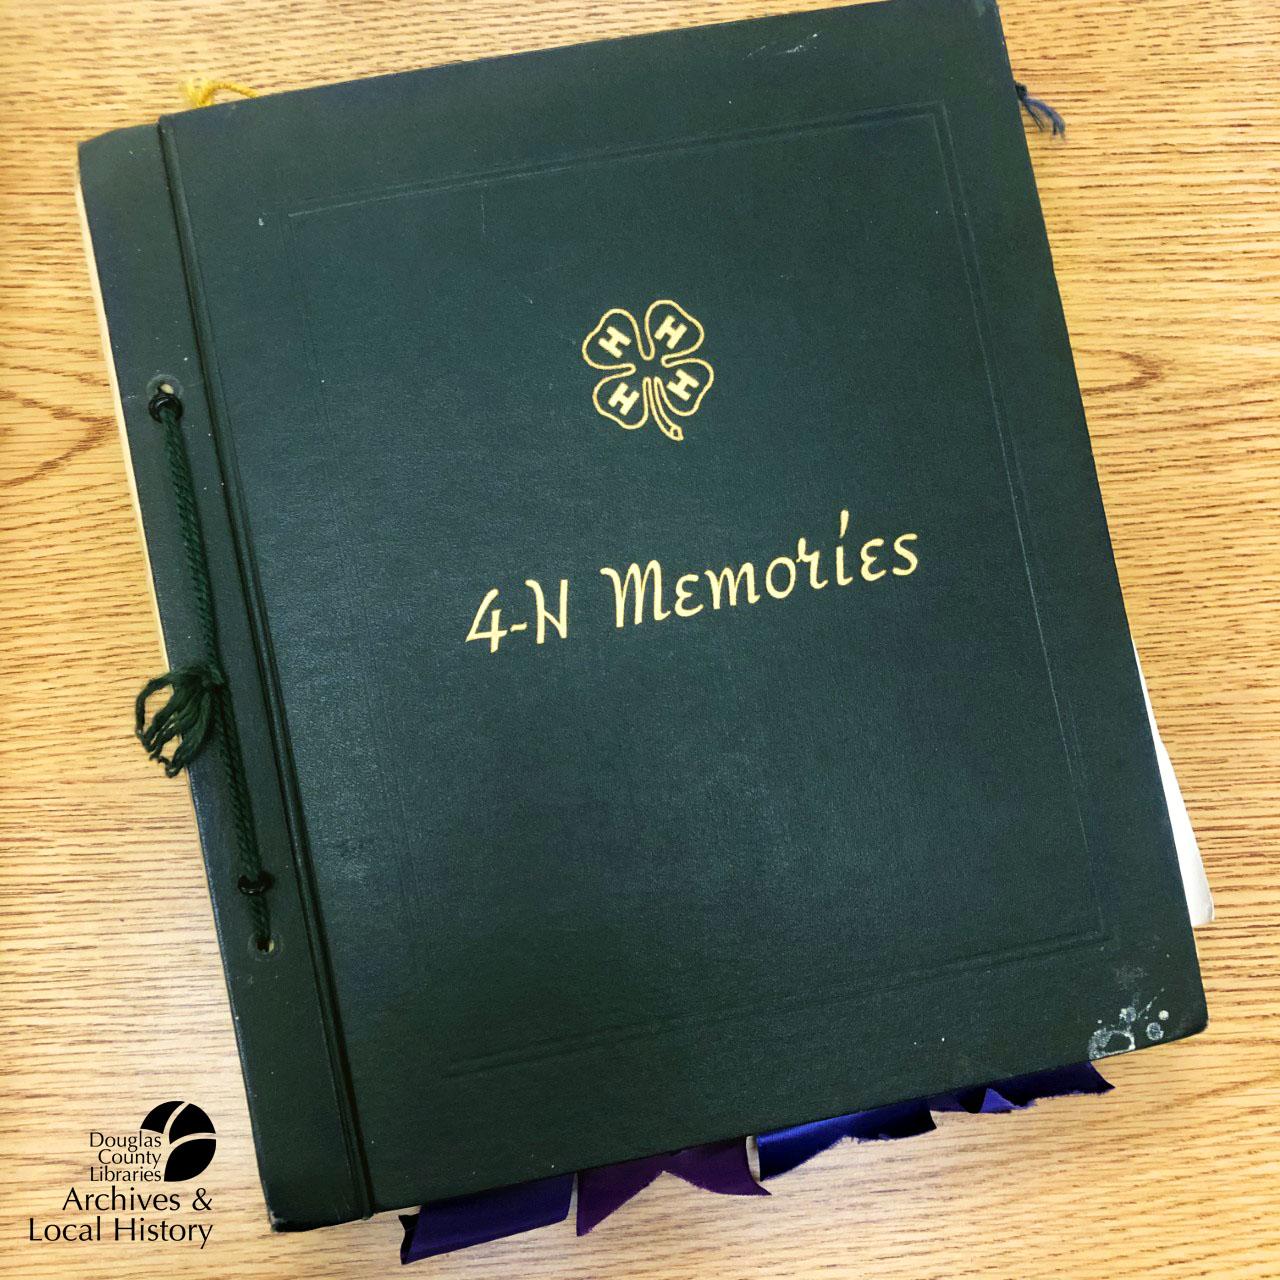 4-H Memories